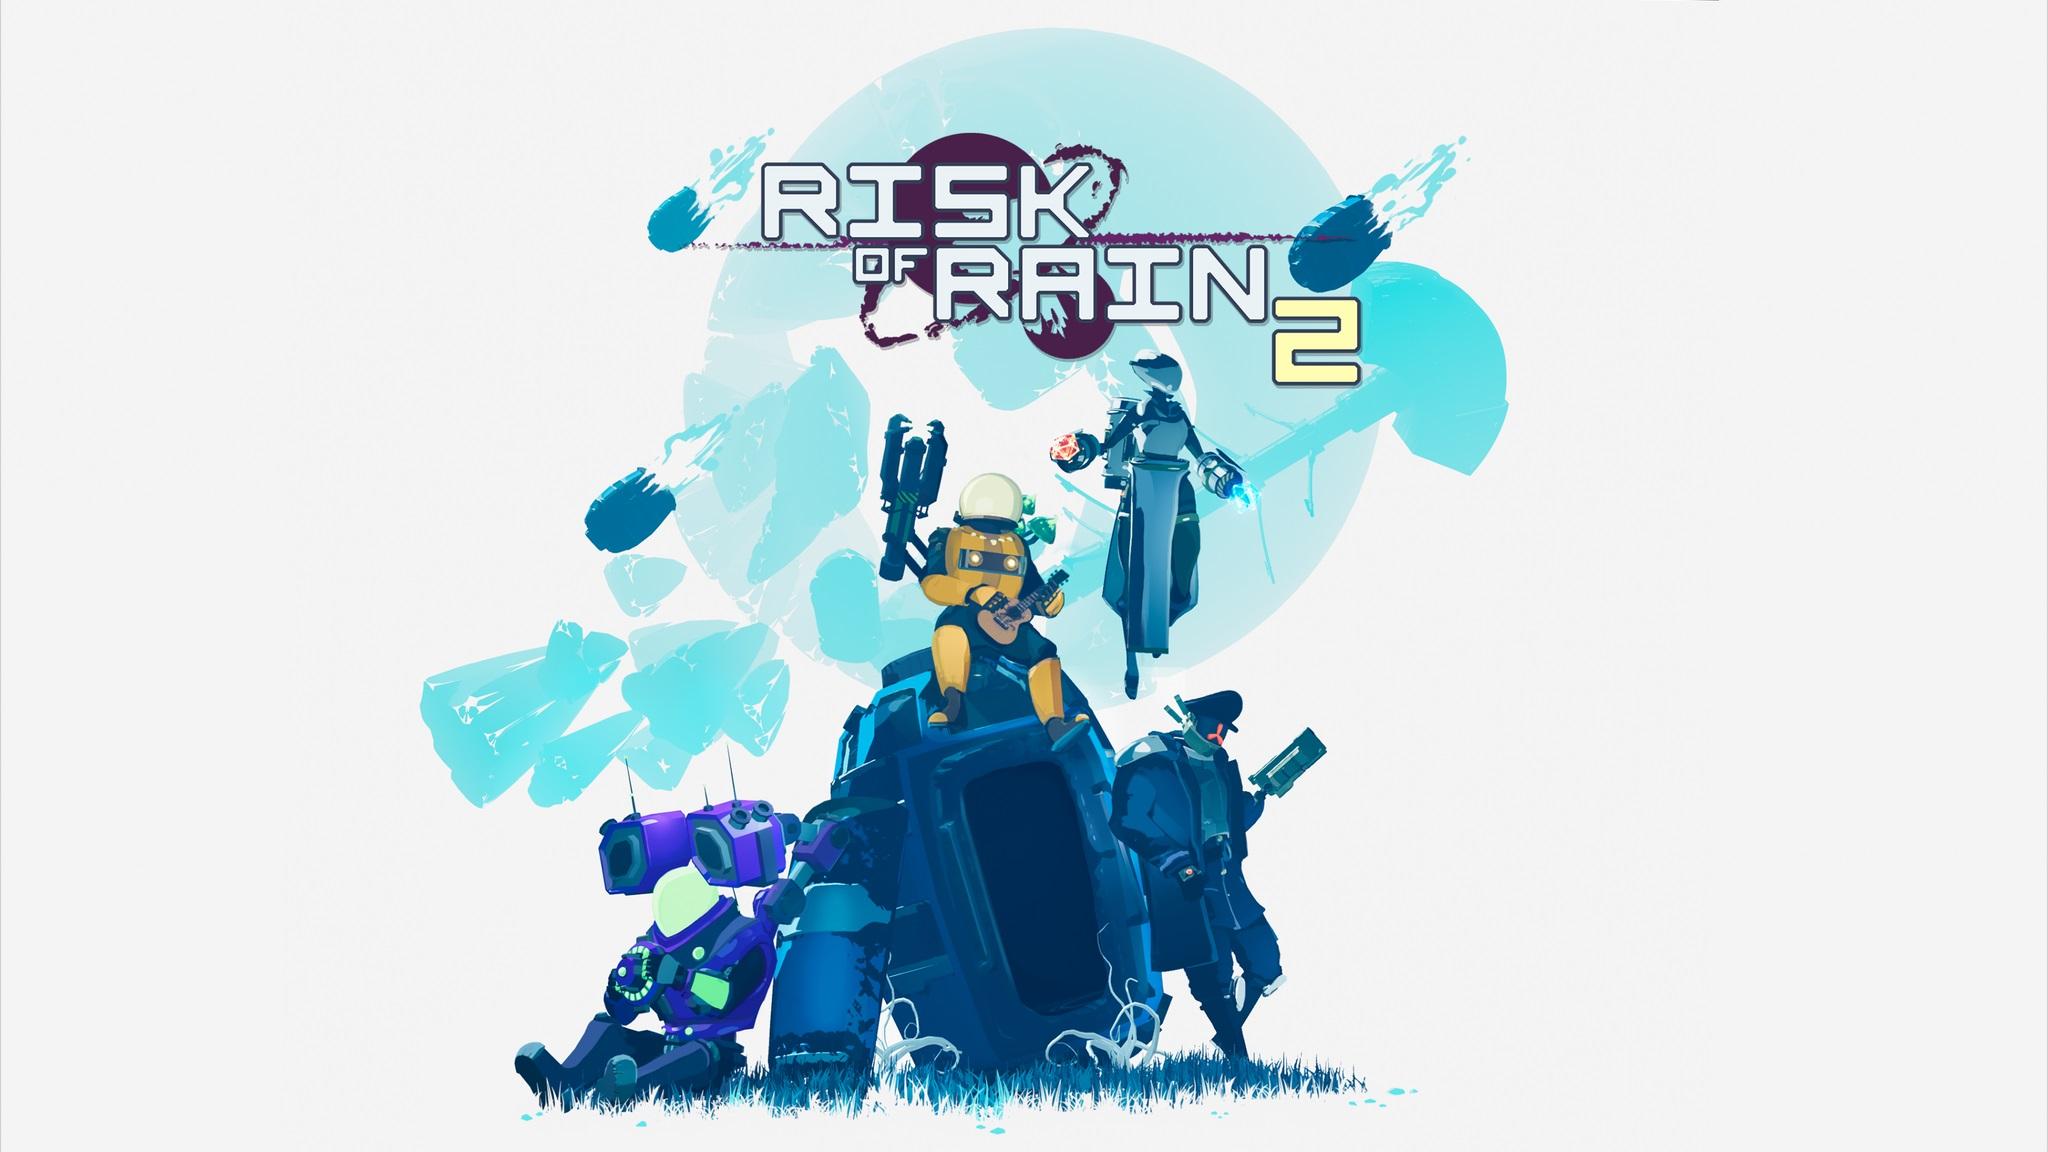 Последнее обновление и платные дополнения - разработчики Risk of Rain 2 рассказали о дальнейшей поддержке игры.